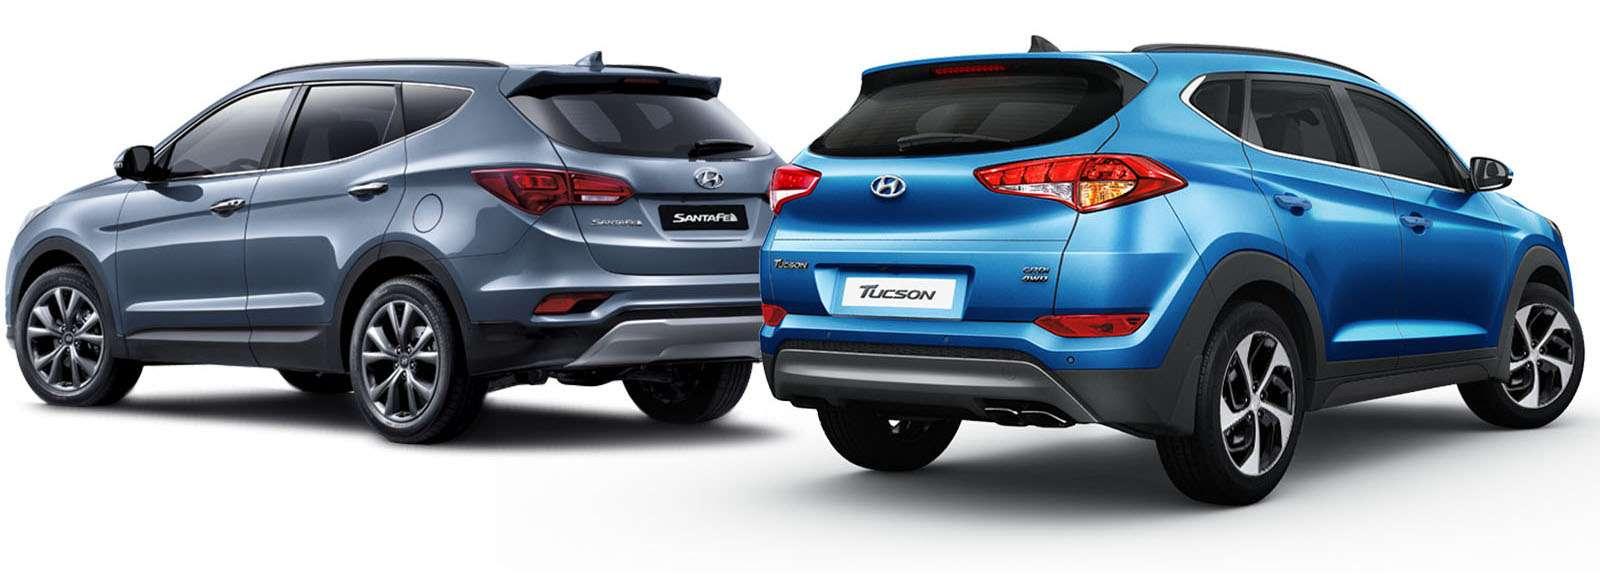 Hyundai Tucson или Santa Fe: на что потратить два миллиона рублей? — фото 601178